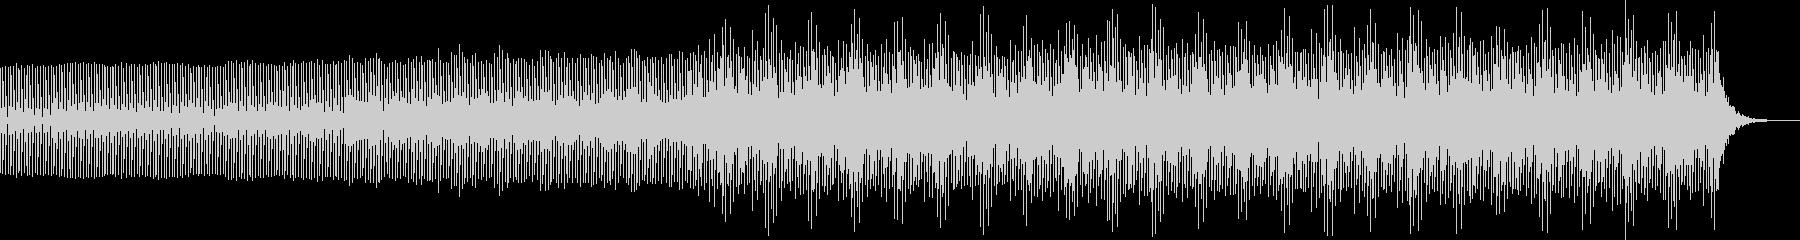 幻想的エレクトロニカミュージック bの未再生の波形